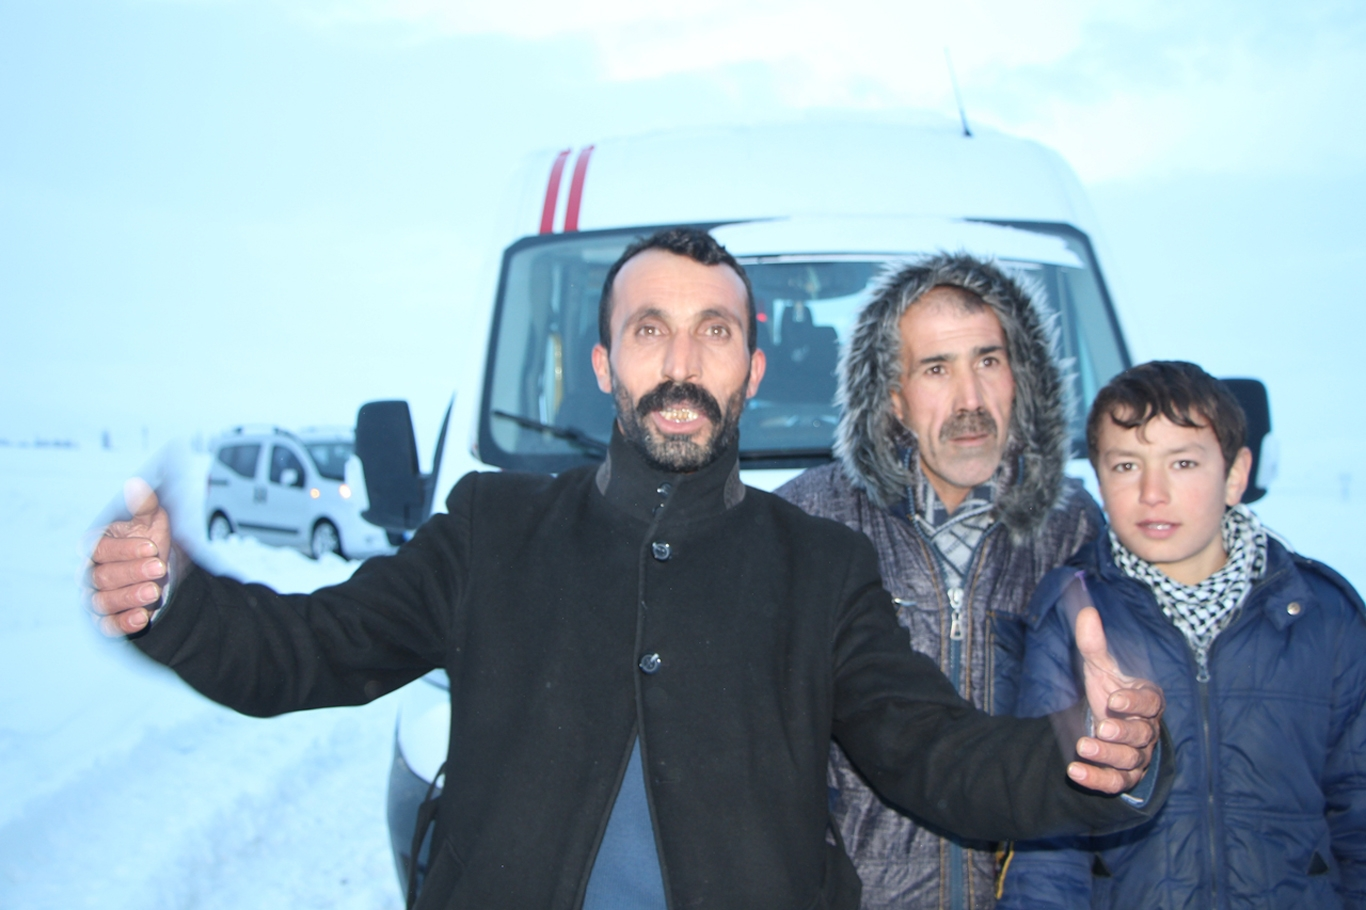 traktorle-hastaneye-bebek-tasidilar-001.jpg